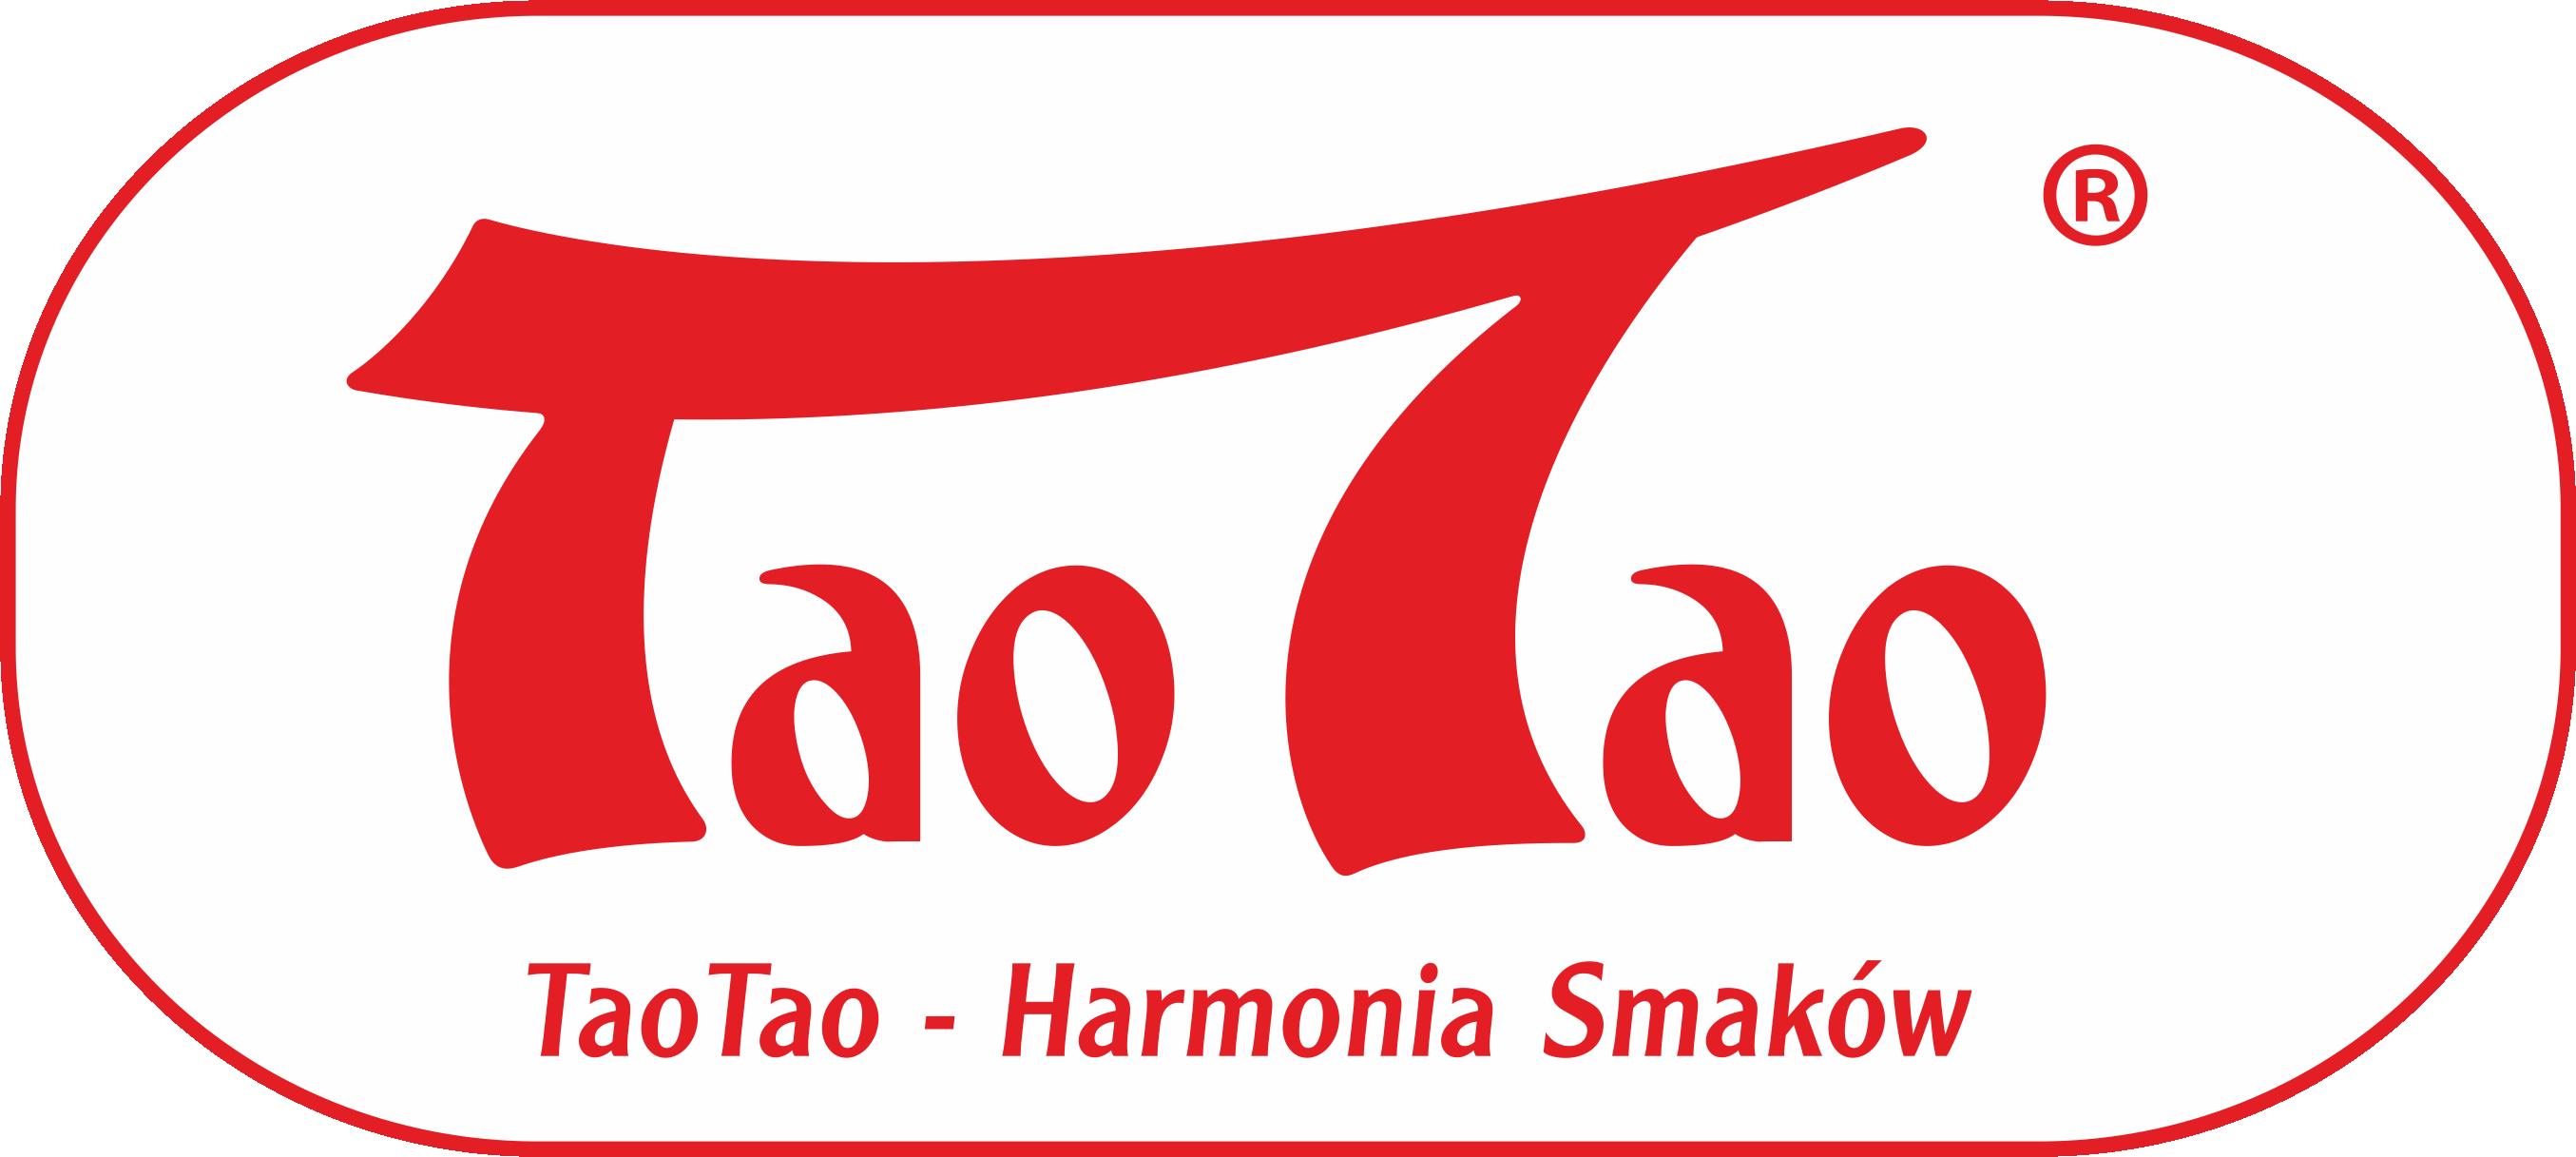 Jesienne lokowanie produktów marki TaoTao w telewizji